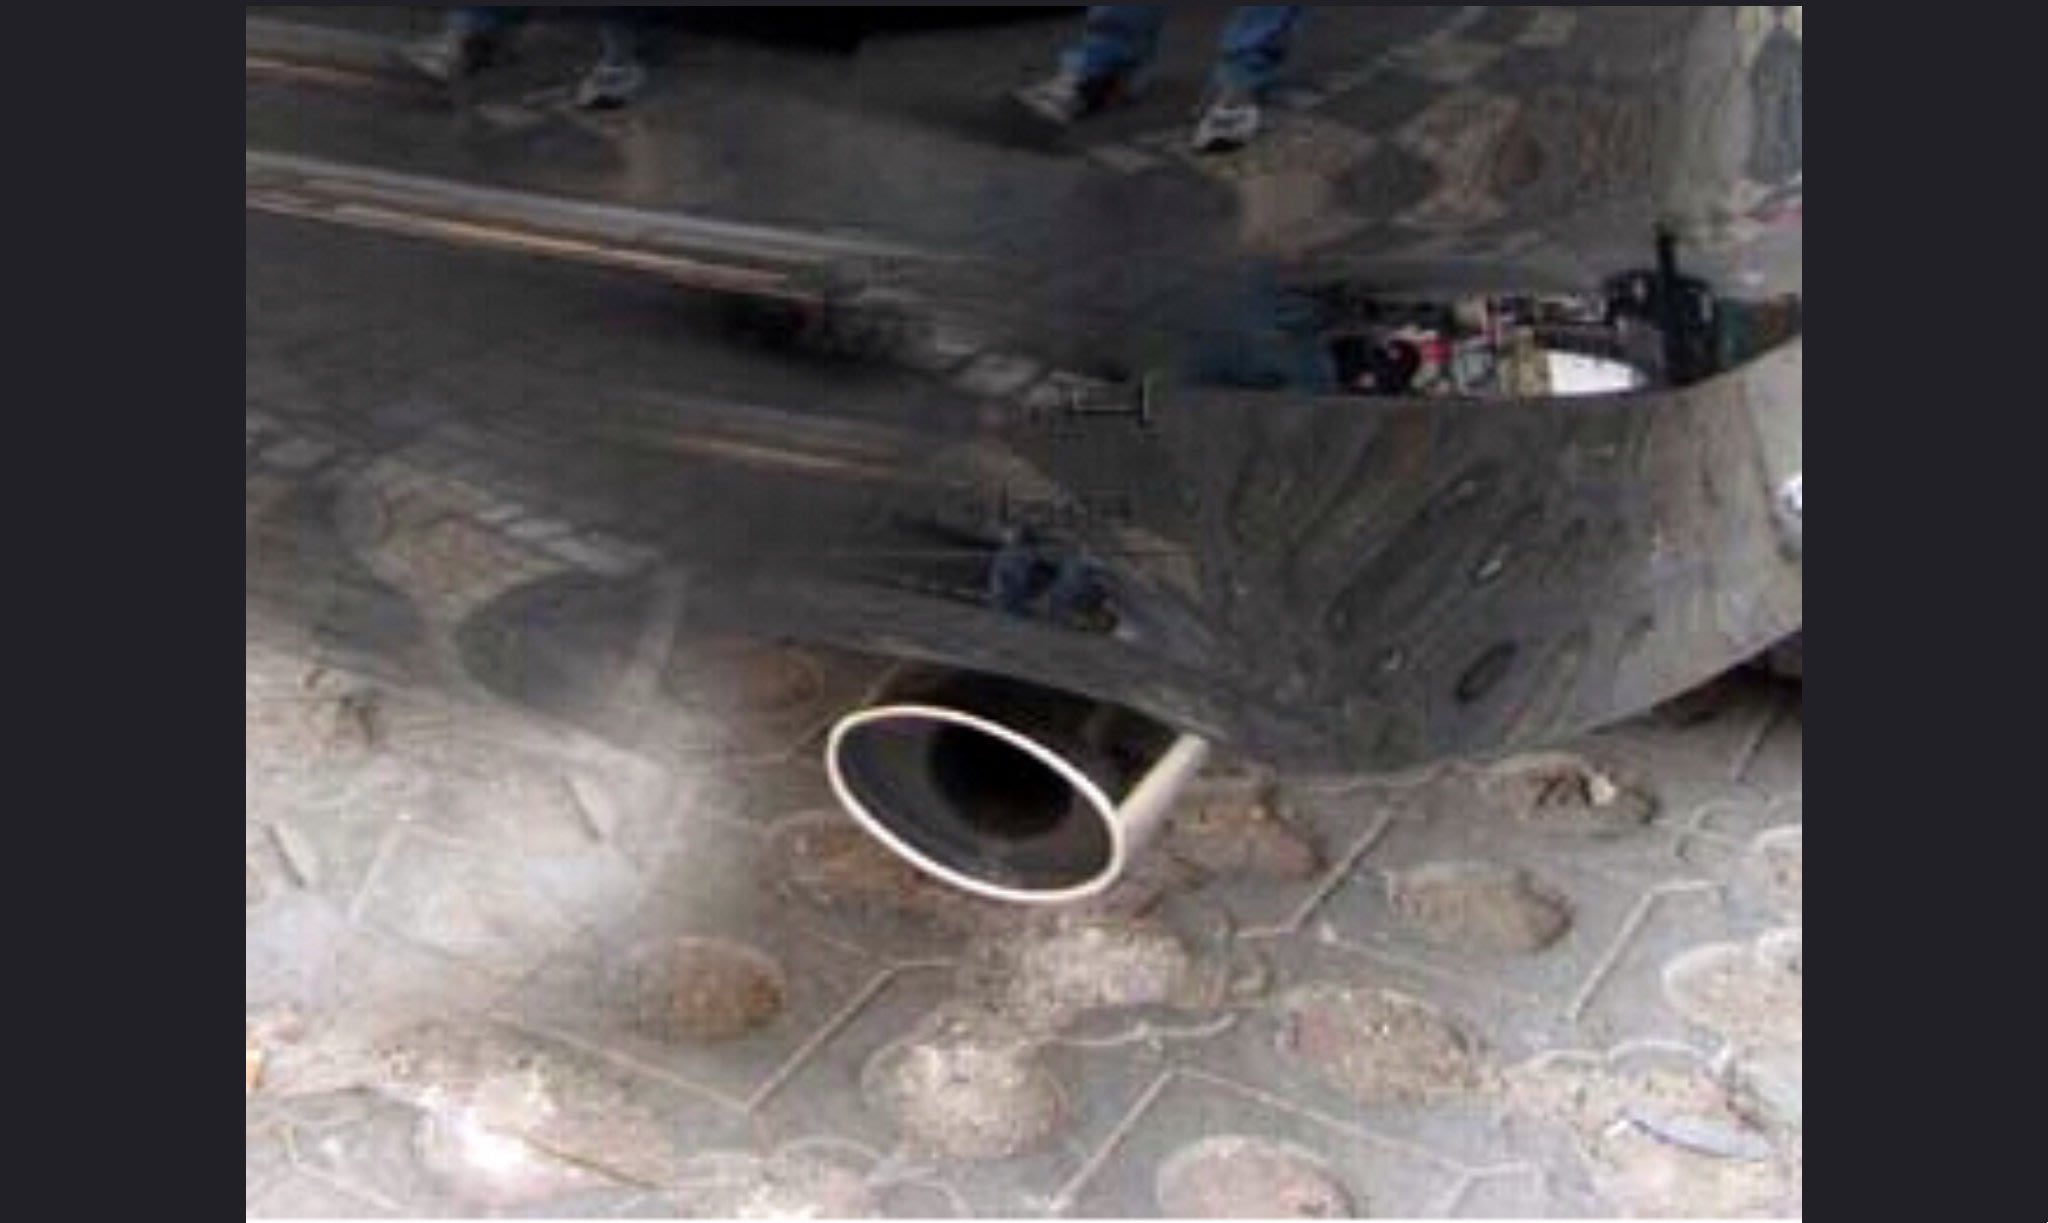 【車王汽車精品百貨】HONDA 本田 ACCORD 八代 8代 8.5代 尾飾管 尾管 排氣管 尾喉 加厚